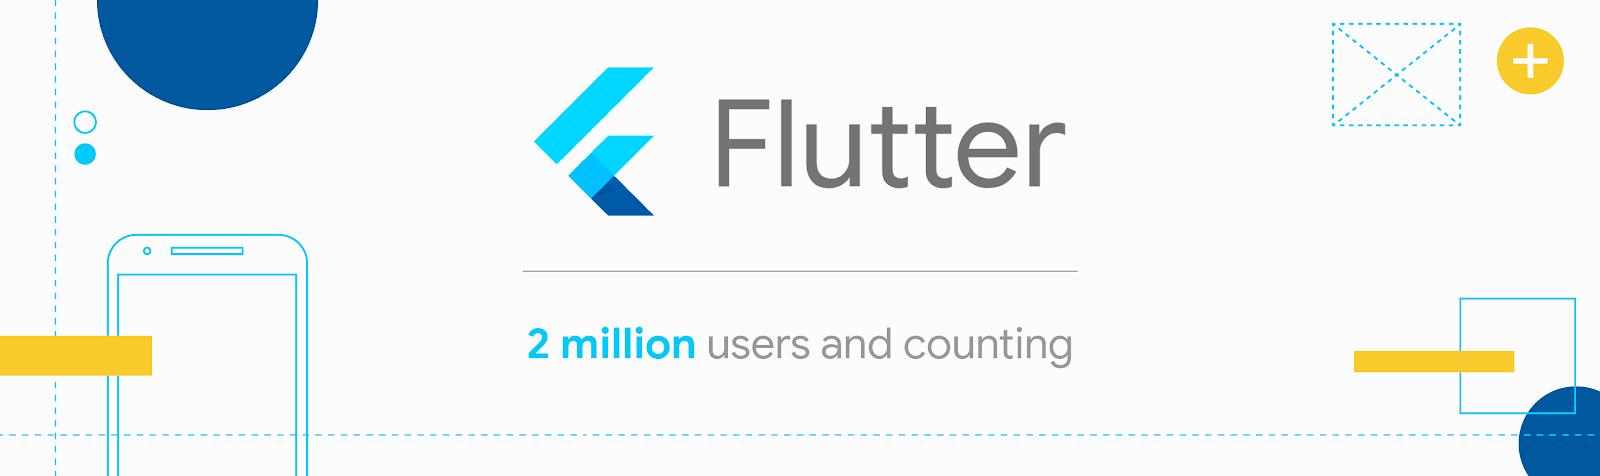 Flutter - Image Credit: Tim Sneath & Google